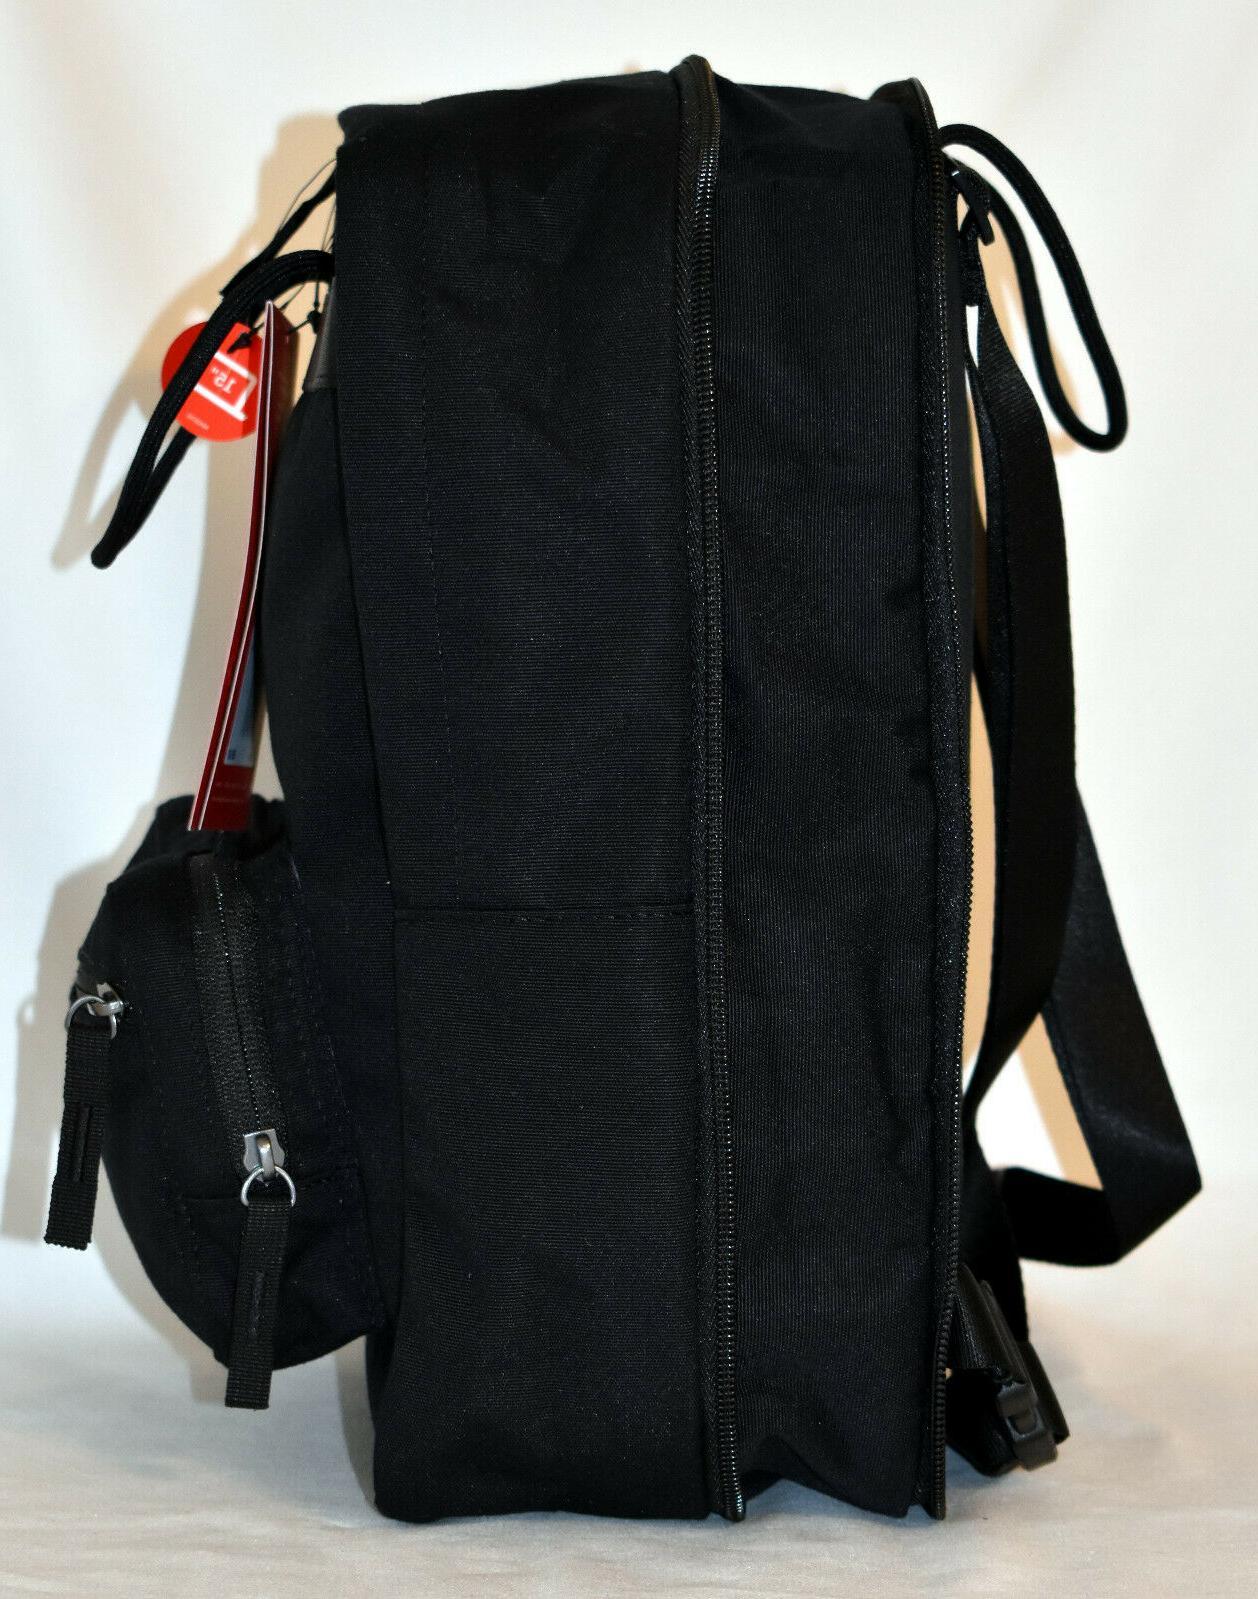 New Nike Backpack